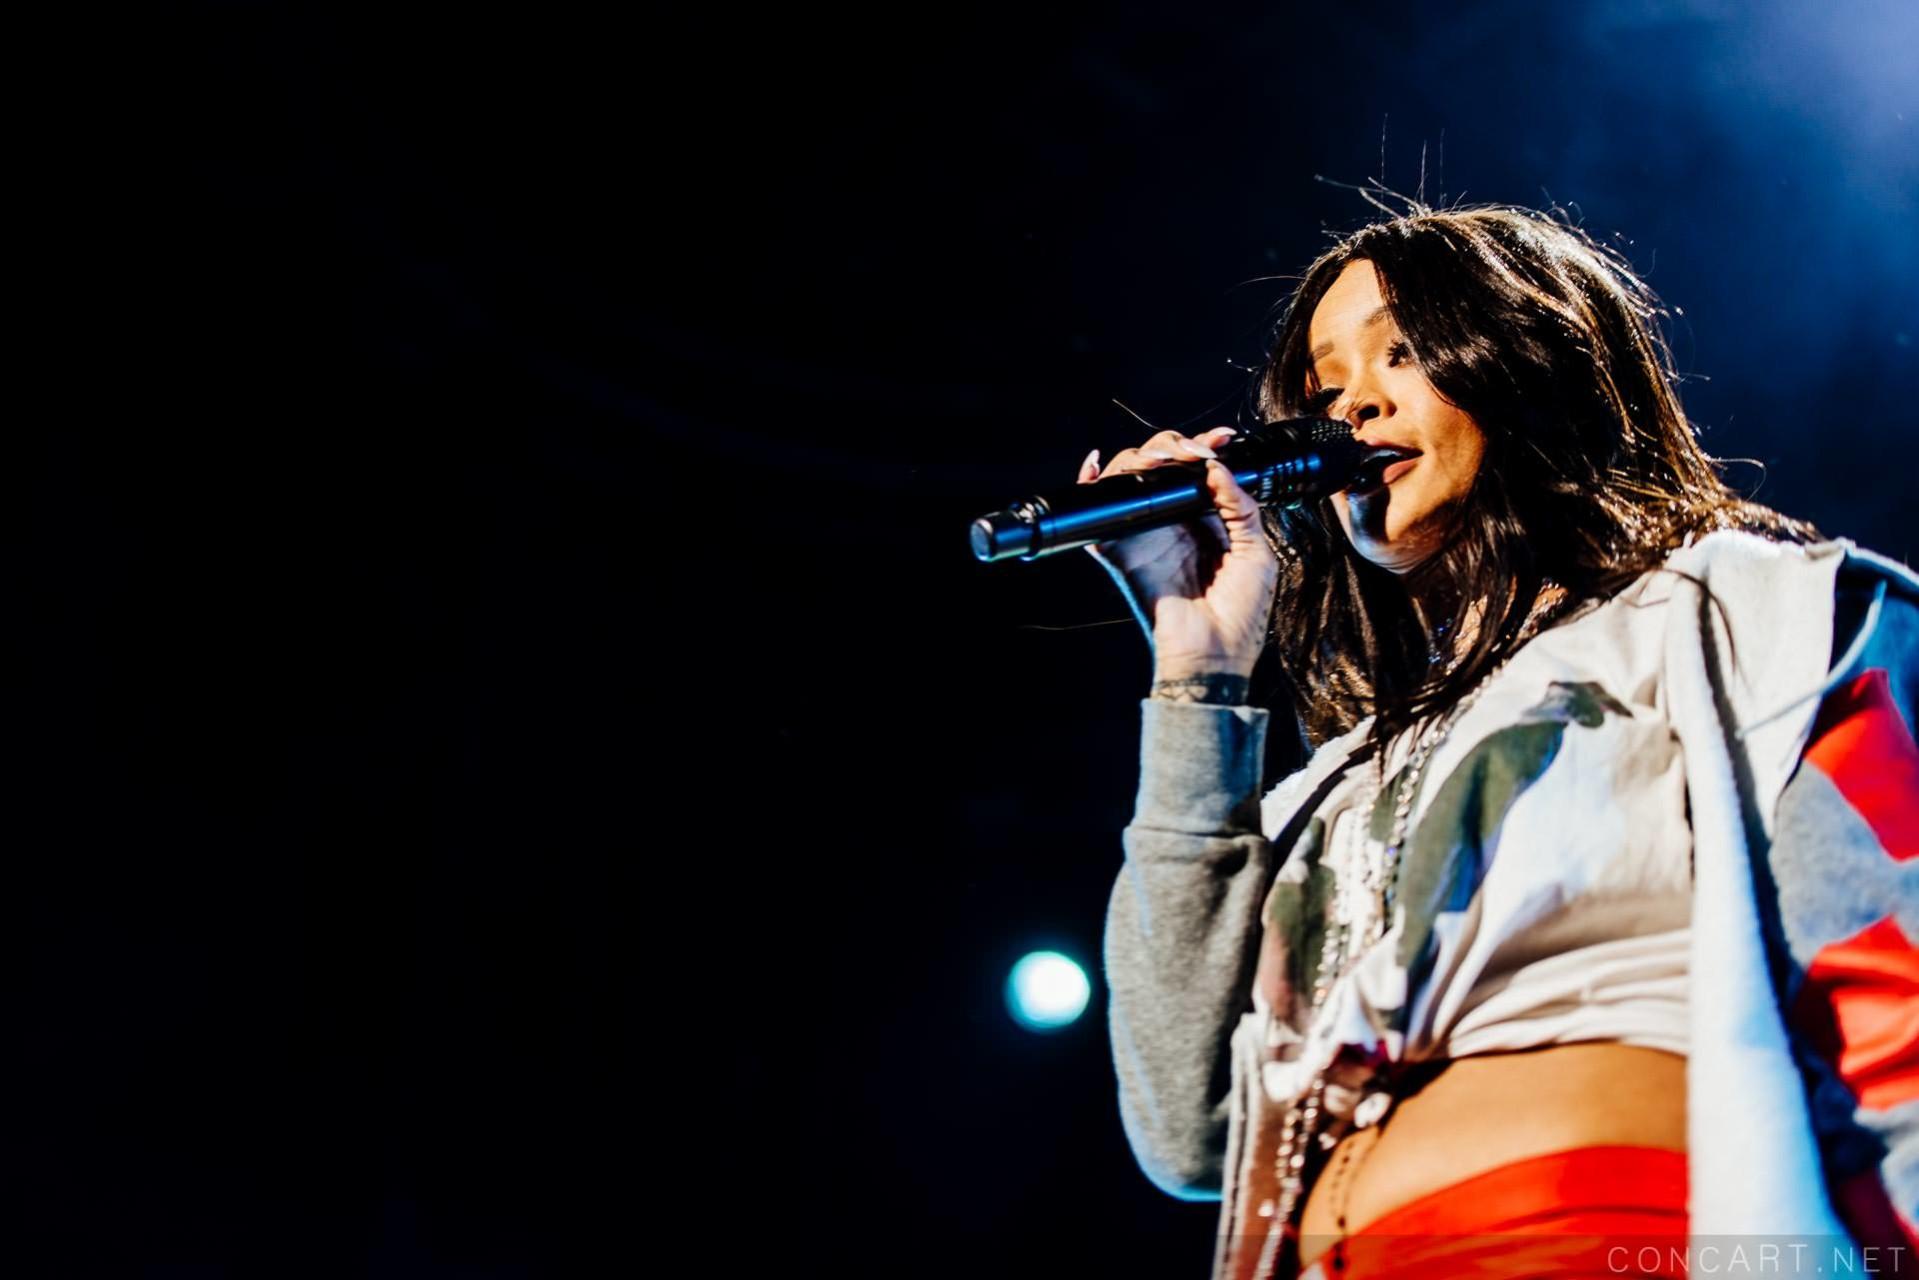 Rihanna photo by Sean Molin 24